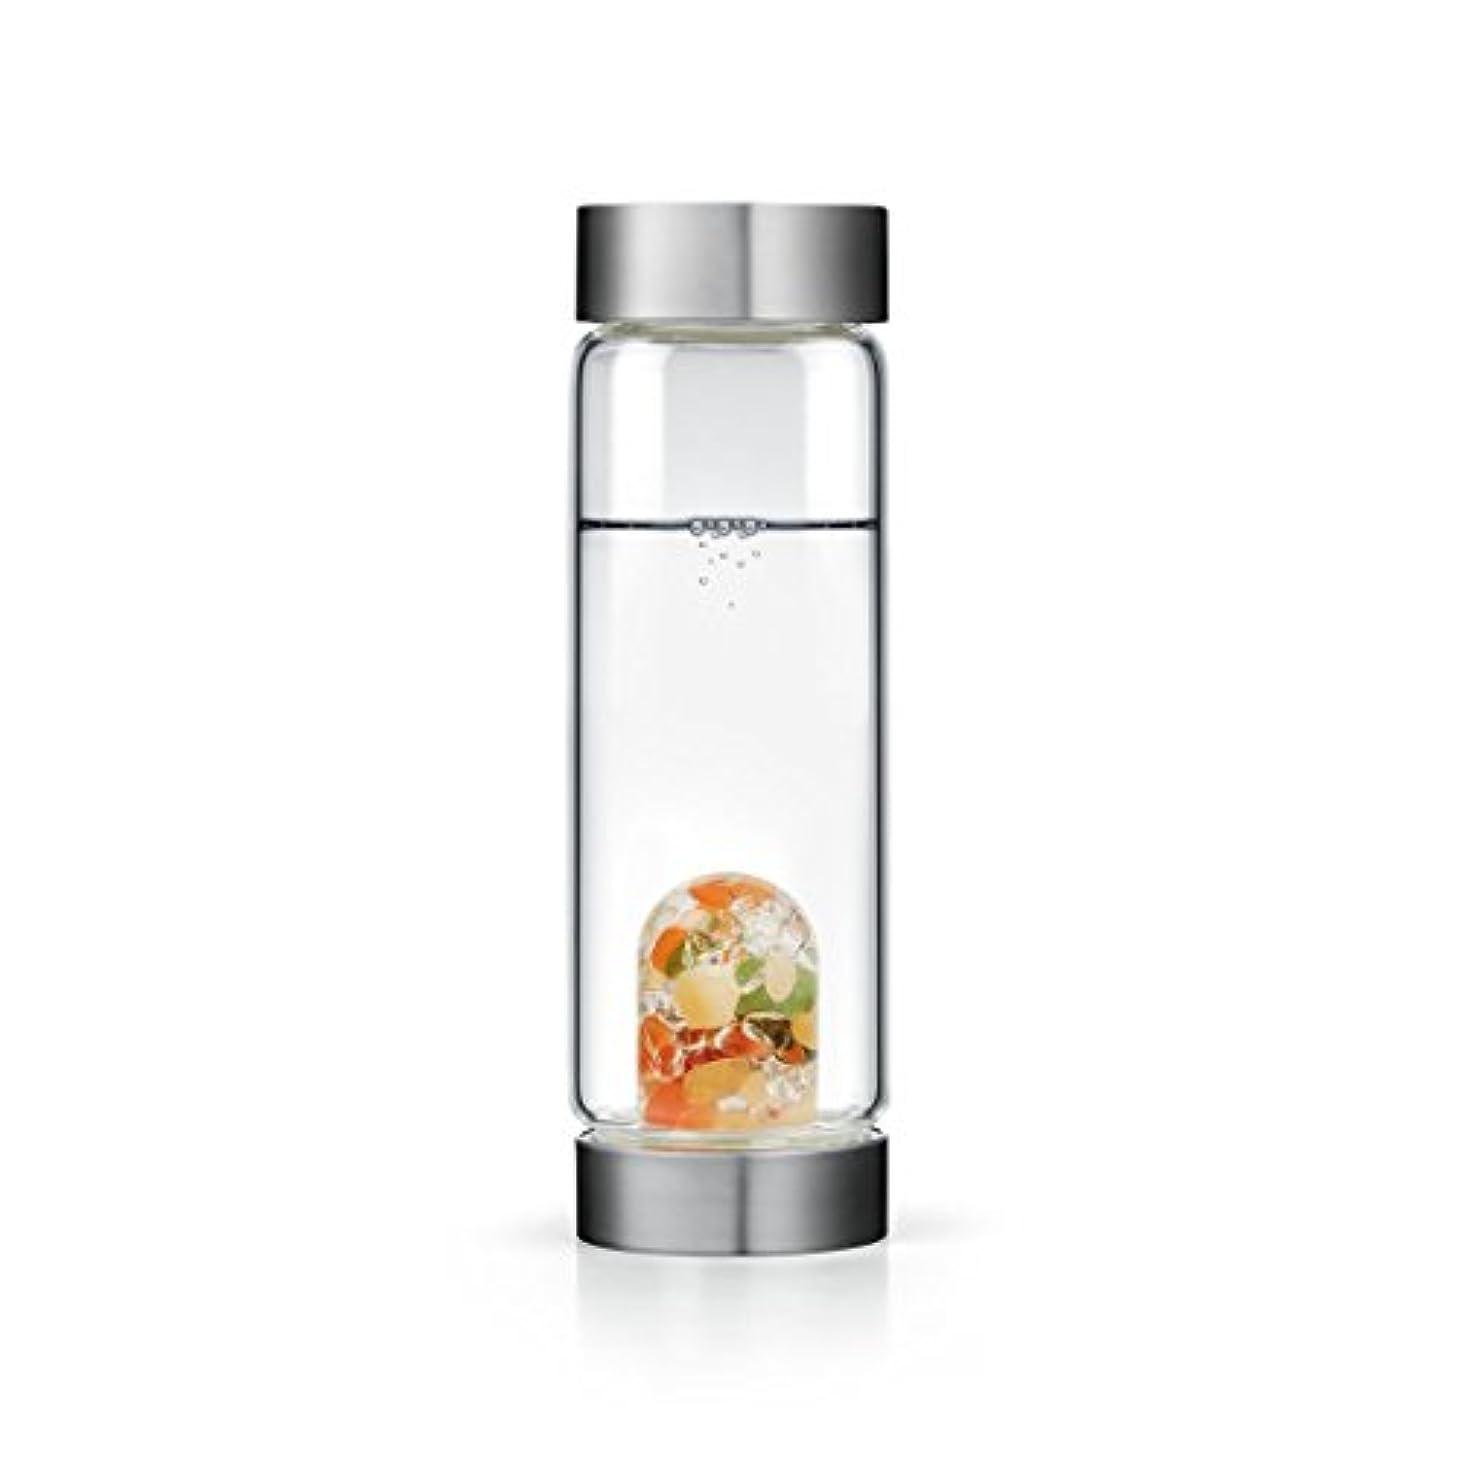 腹部直接抜本的なHappiness gem-waterボトルby VitaJuwel W / Freeカリフォルニアホワイトセージバンドル 16.9 fl oz